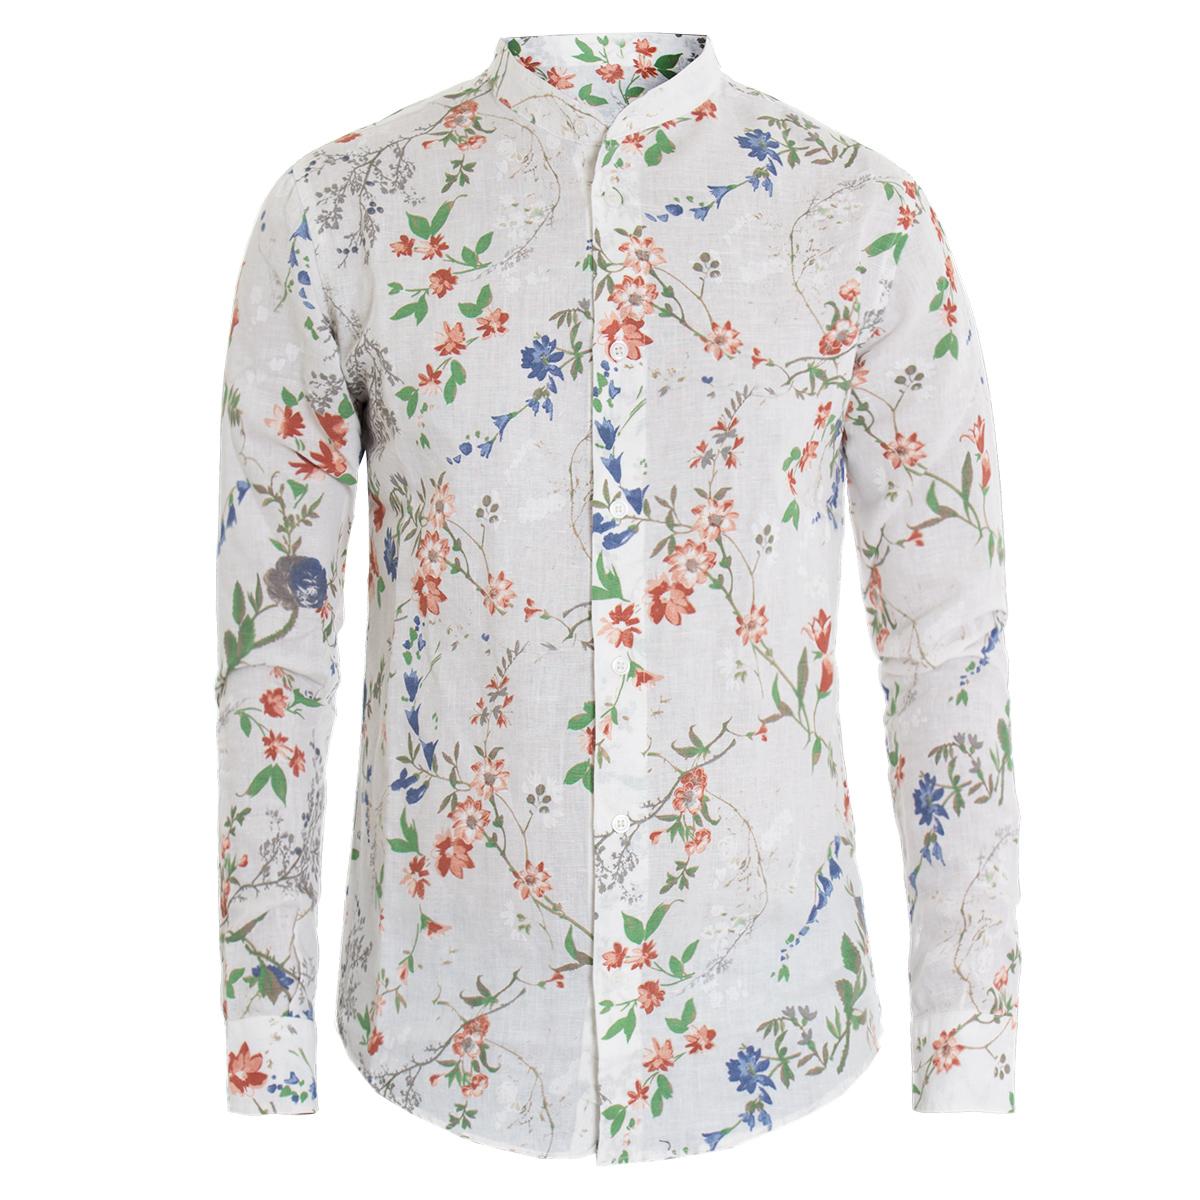 Camicia-Uomo-Manica-Lunga-Fantasia-Floreale-Fiori-Collo-Coreano-Casual-Lino-G